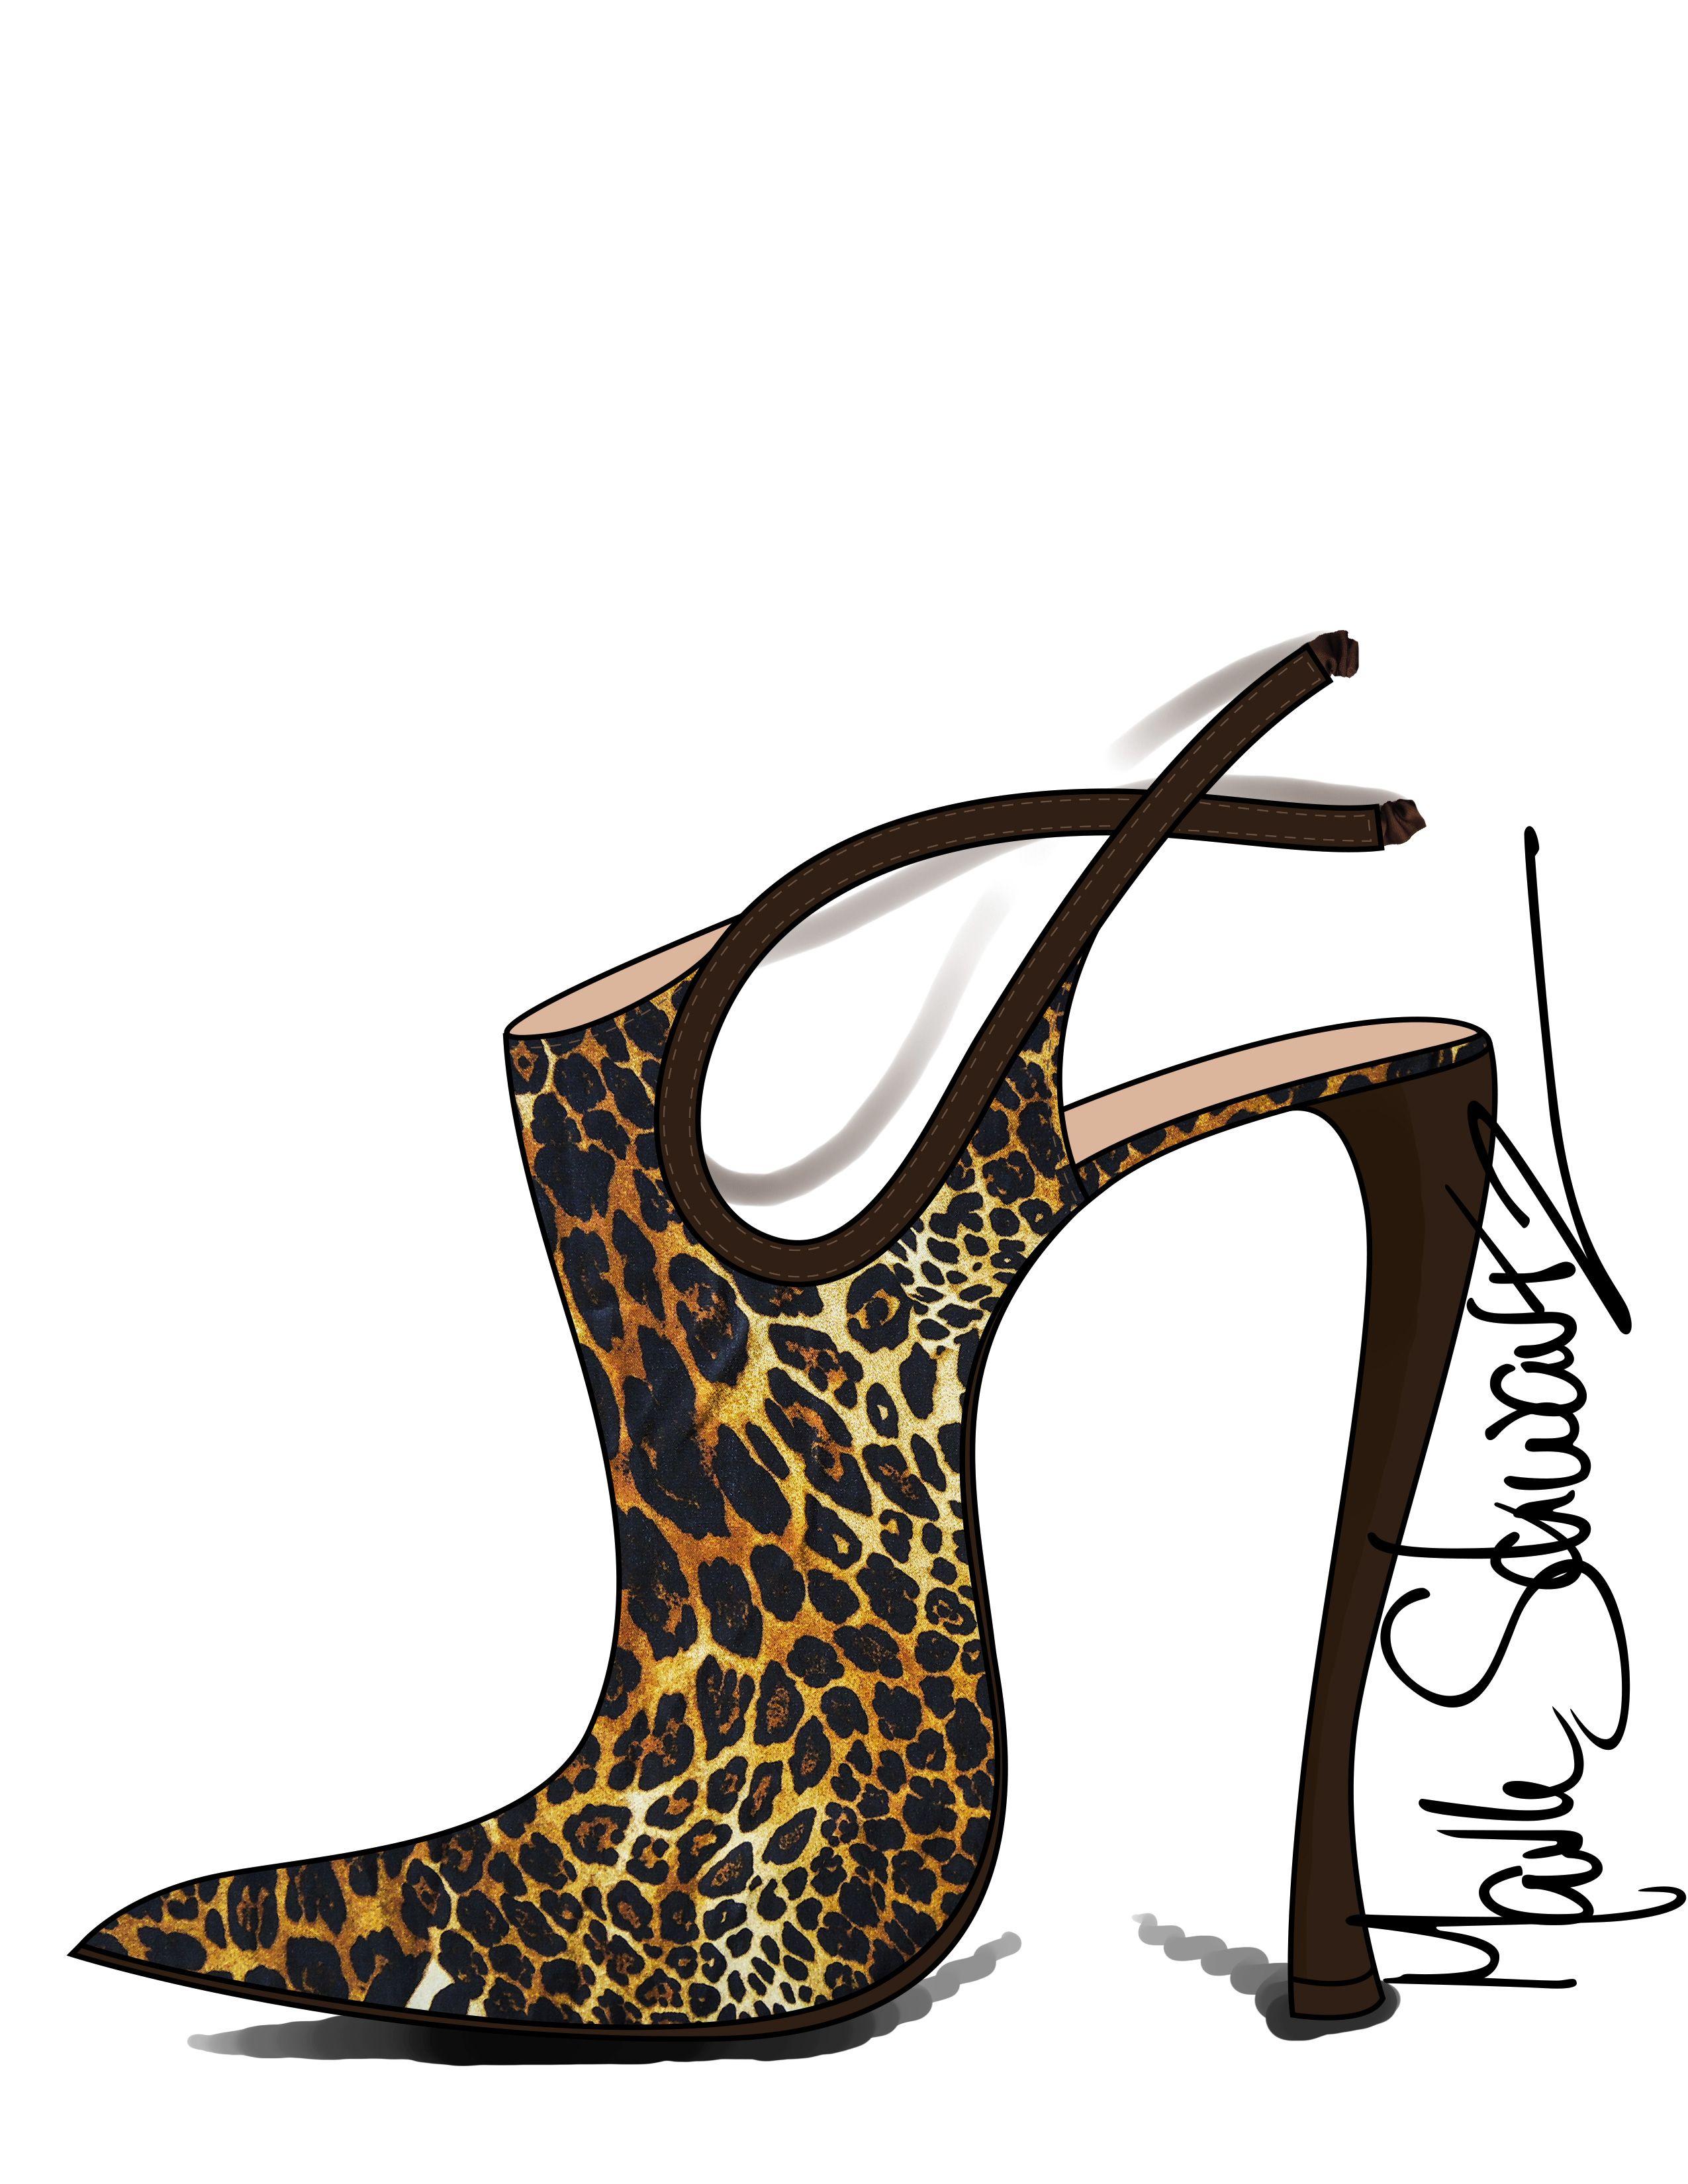 mark schwartz - shoe designer www.markschwartzshoedesigner